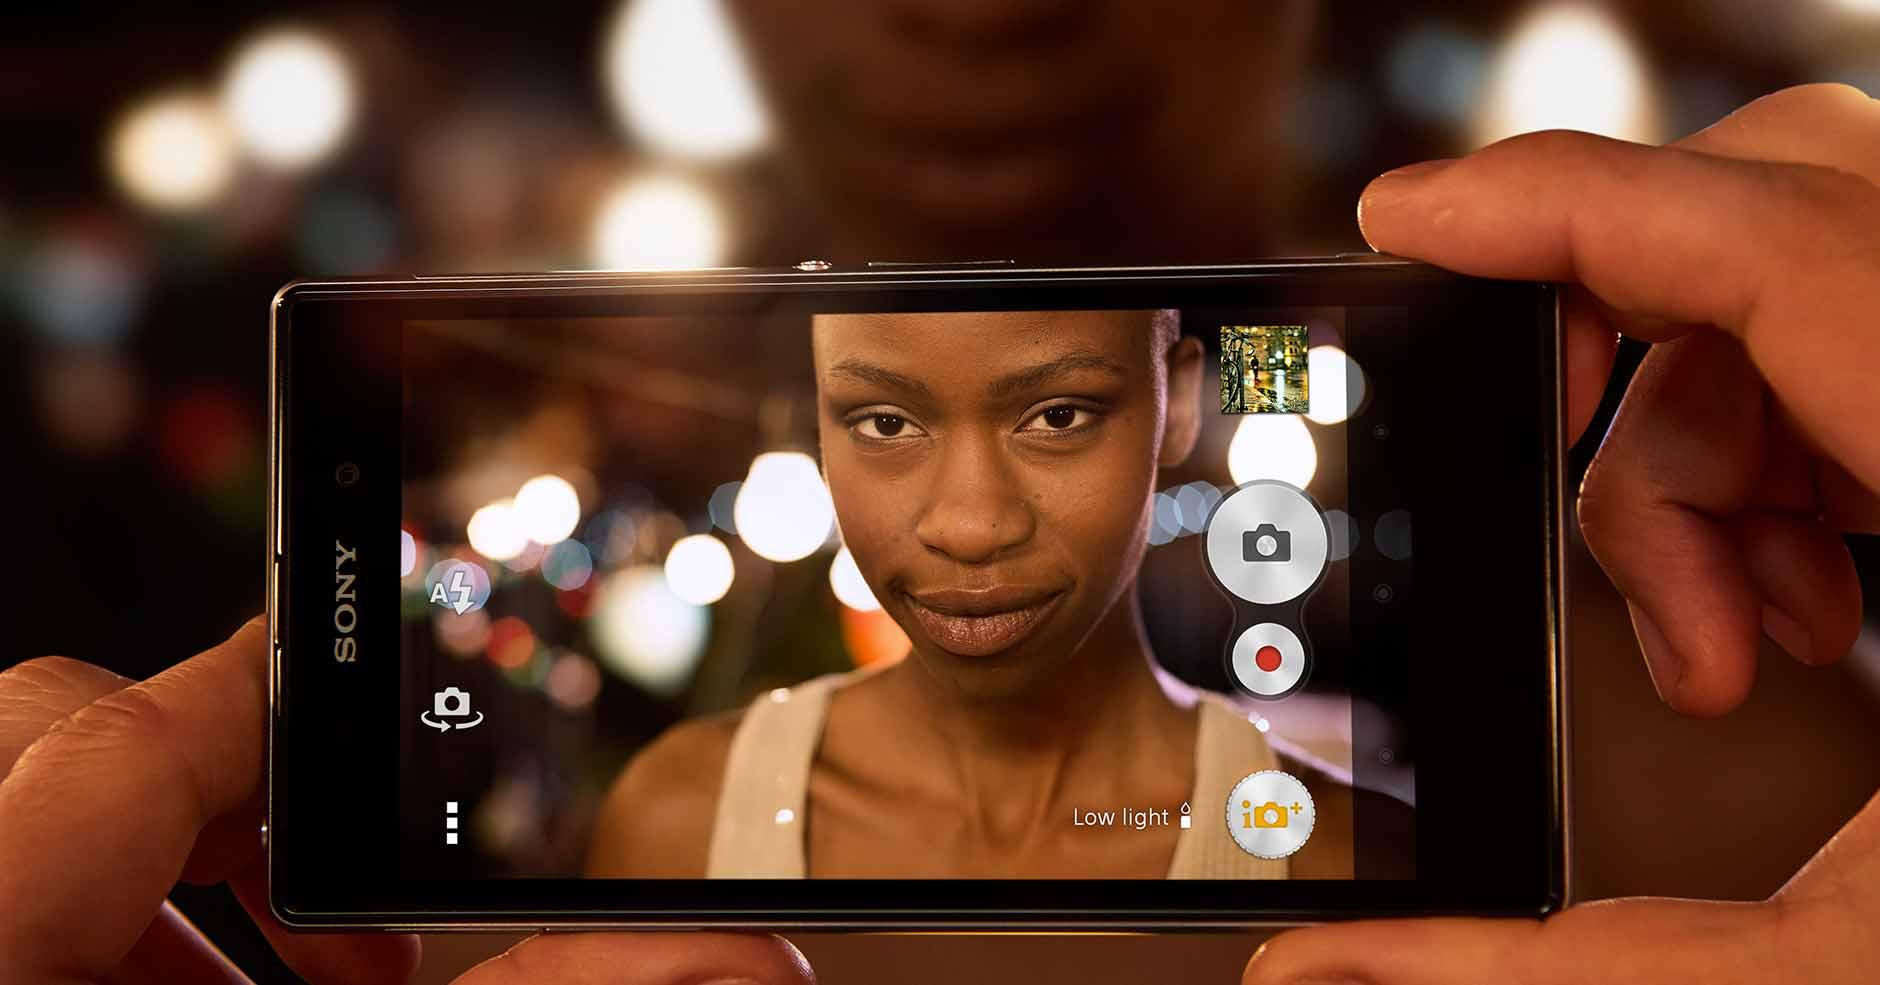 xperia-z1-features-camera-examples-lowlight-1880x985-4a6a01125b26e24d5fa5264303d0748a.jpg